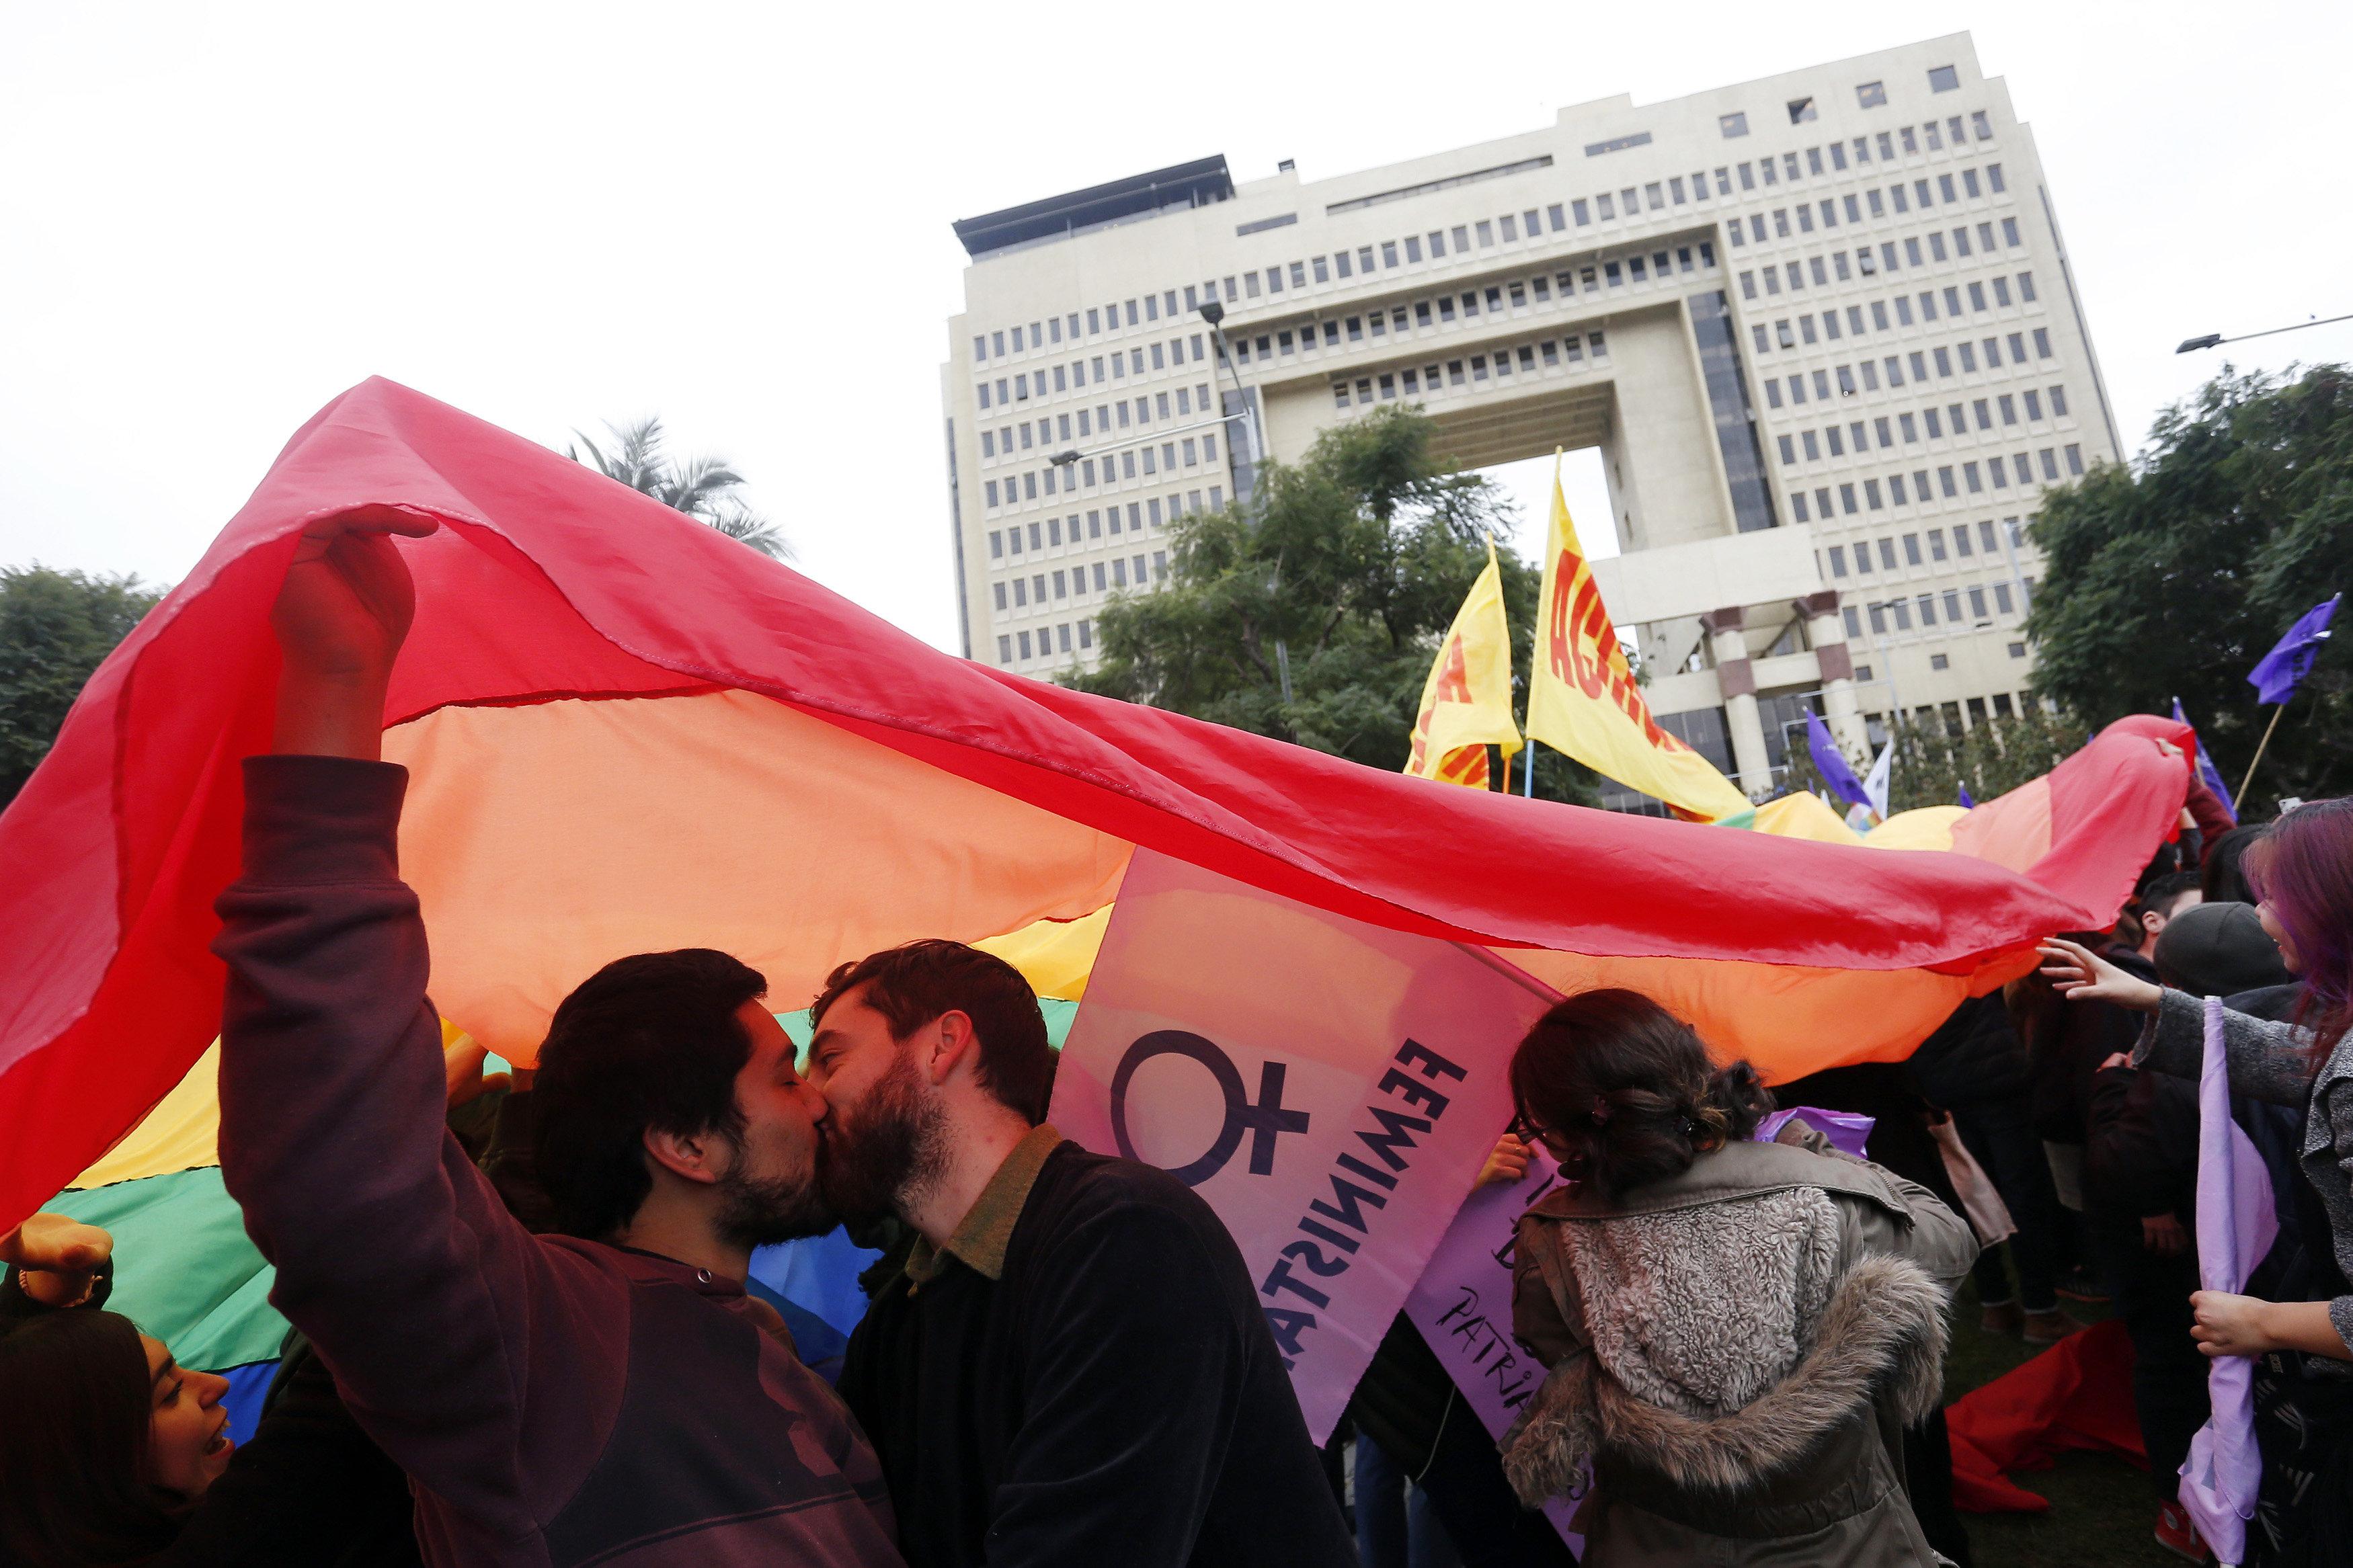 """Parelles es besen sota una bandera LGBTI com a senyal de protesta pel pas del denominat """"Bus de la Llibertat"""" davant del Congrés Nacional de Valparaíso (Xile). /RAÚL ZAMORA"""